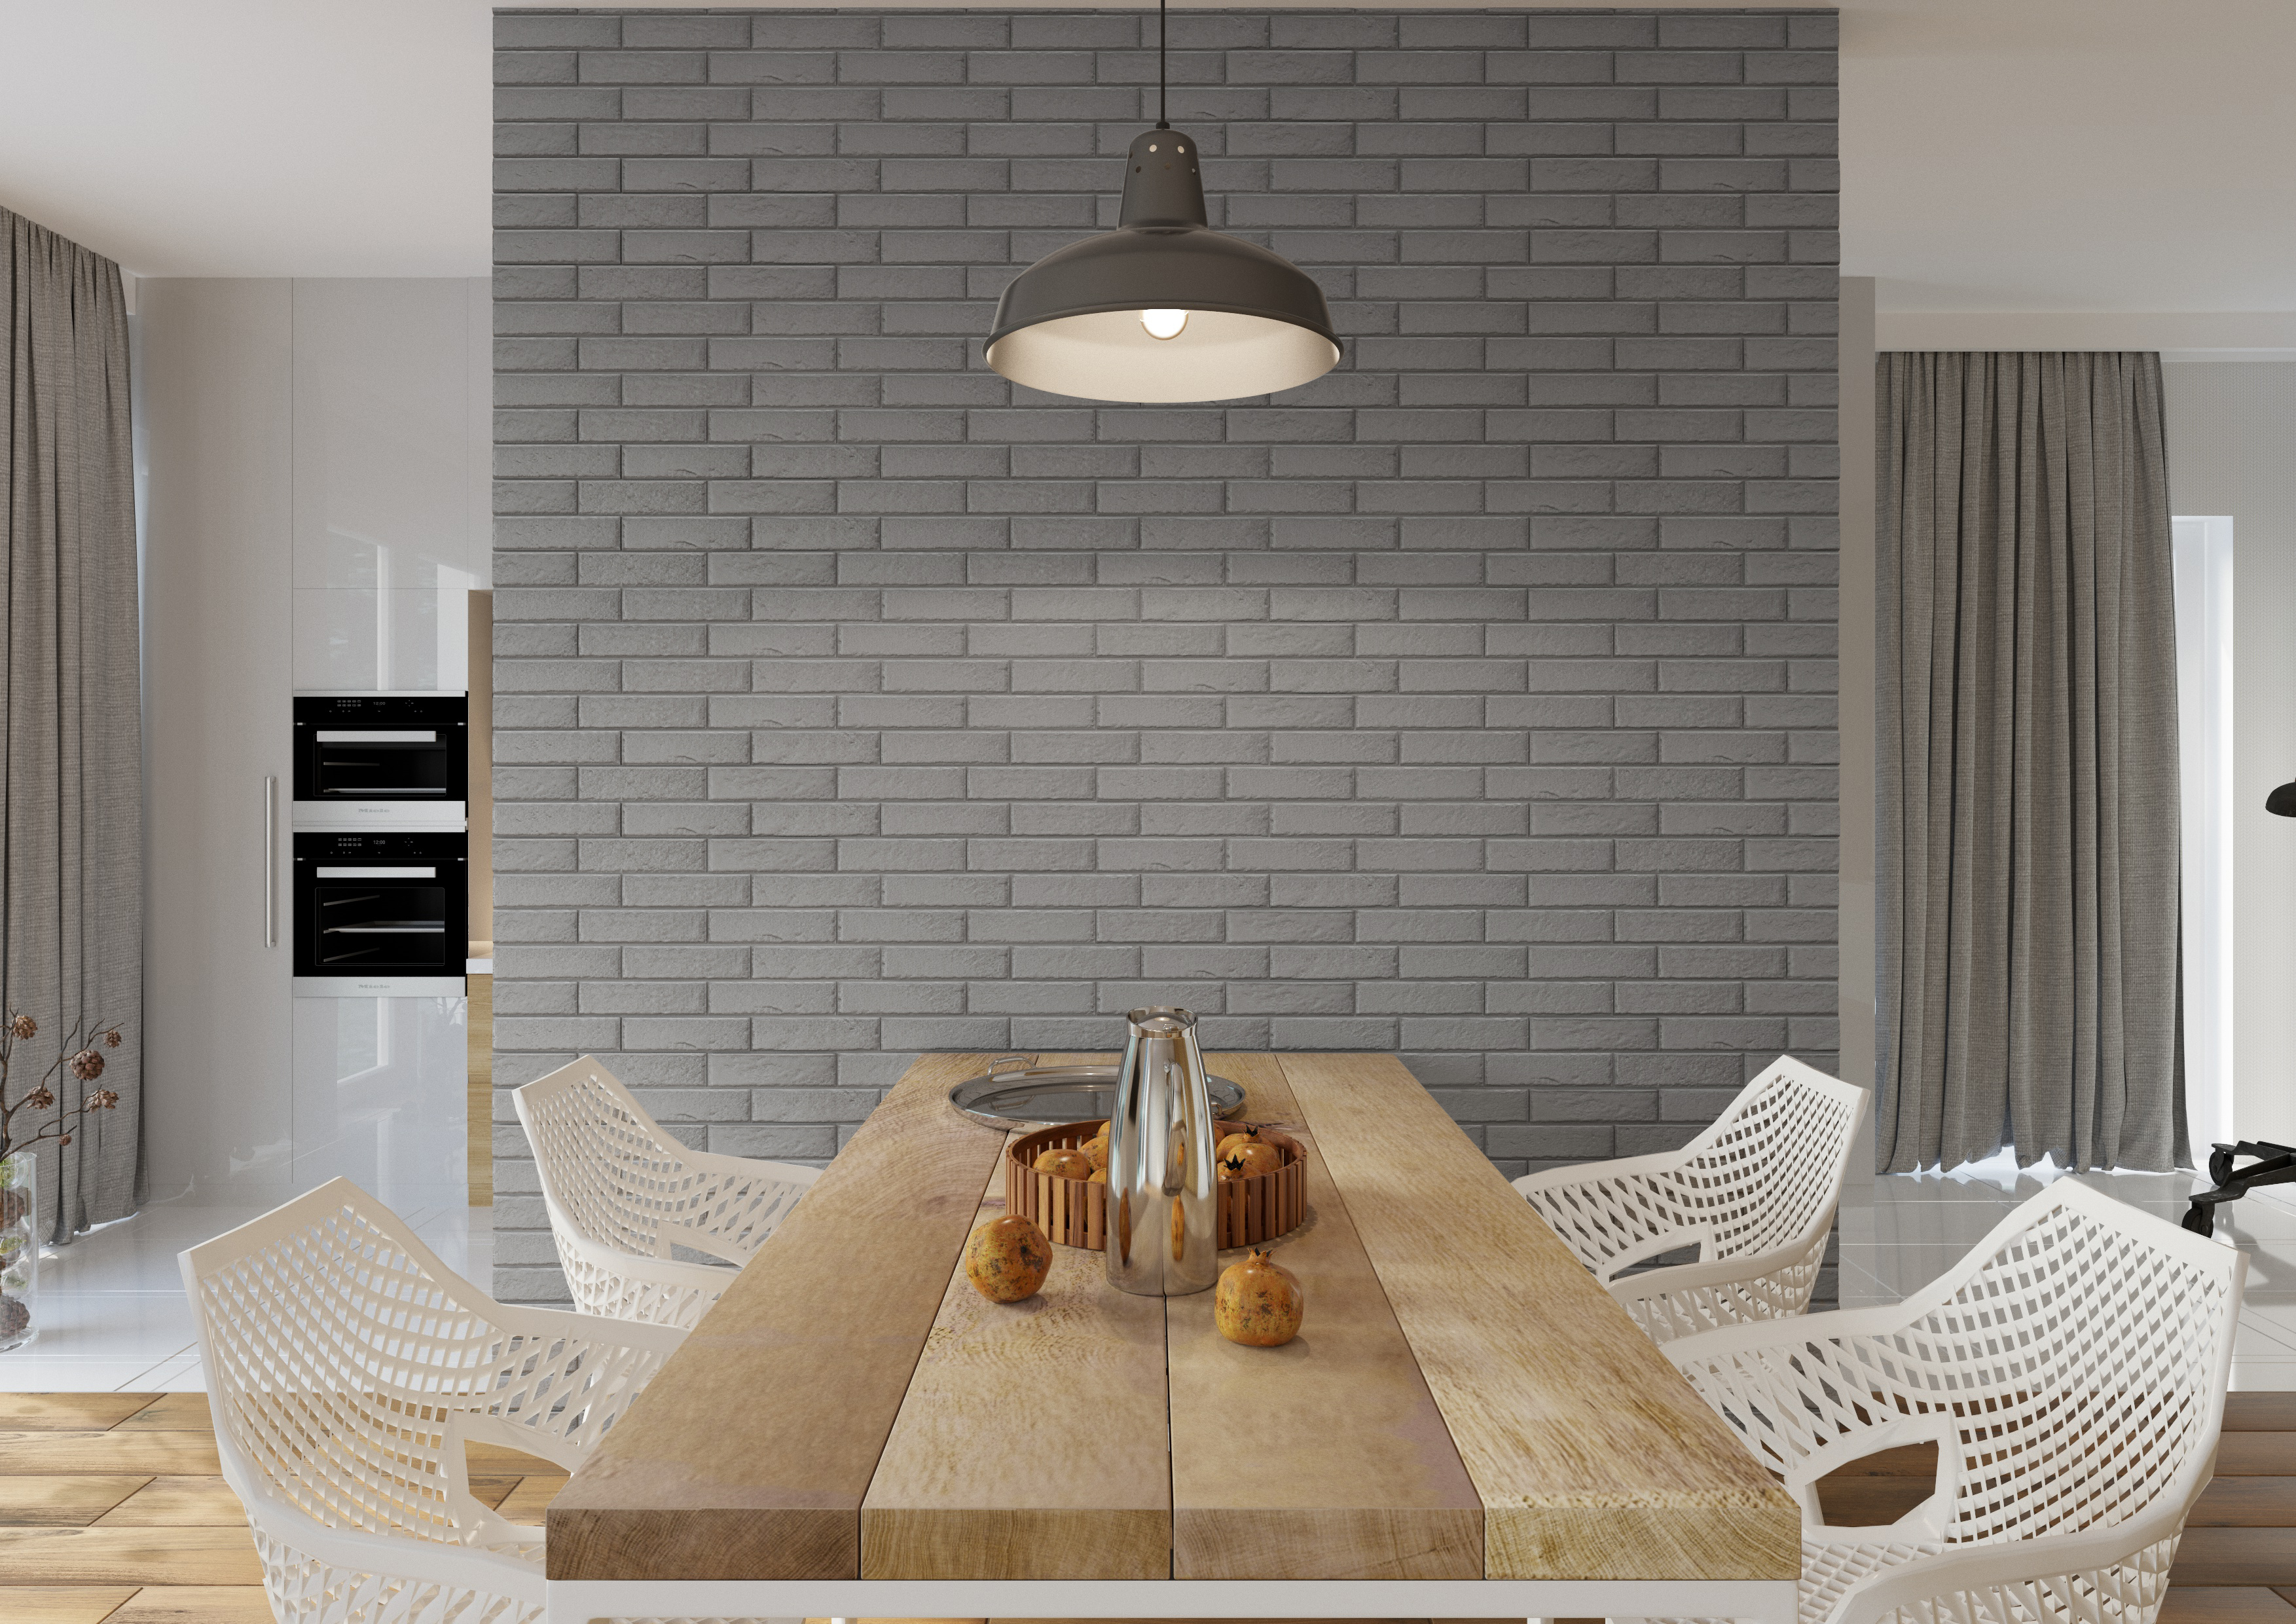 плитка фасадная польская фабрика Cerrad коллекция Foggia gris